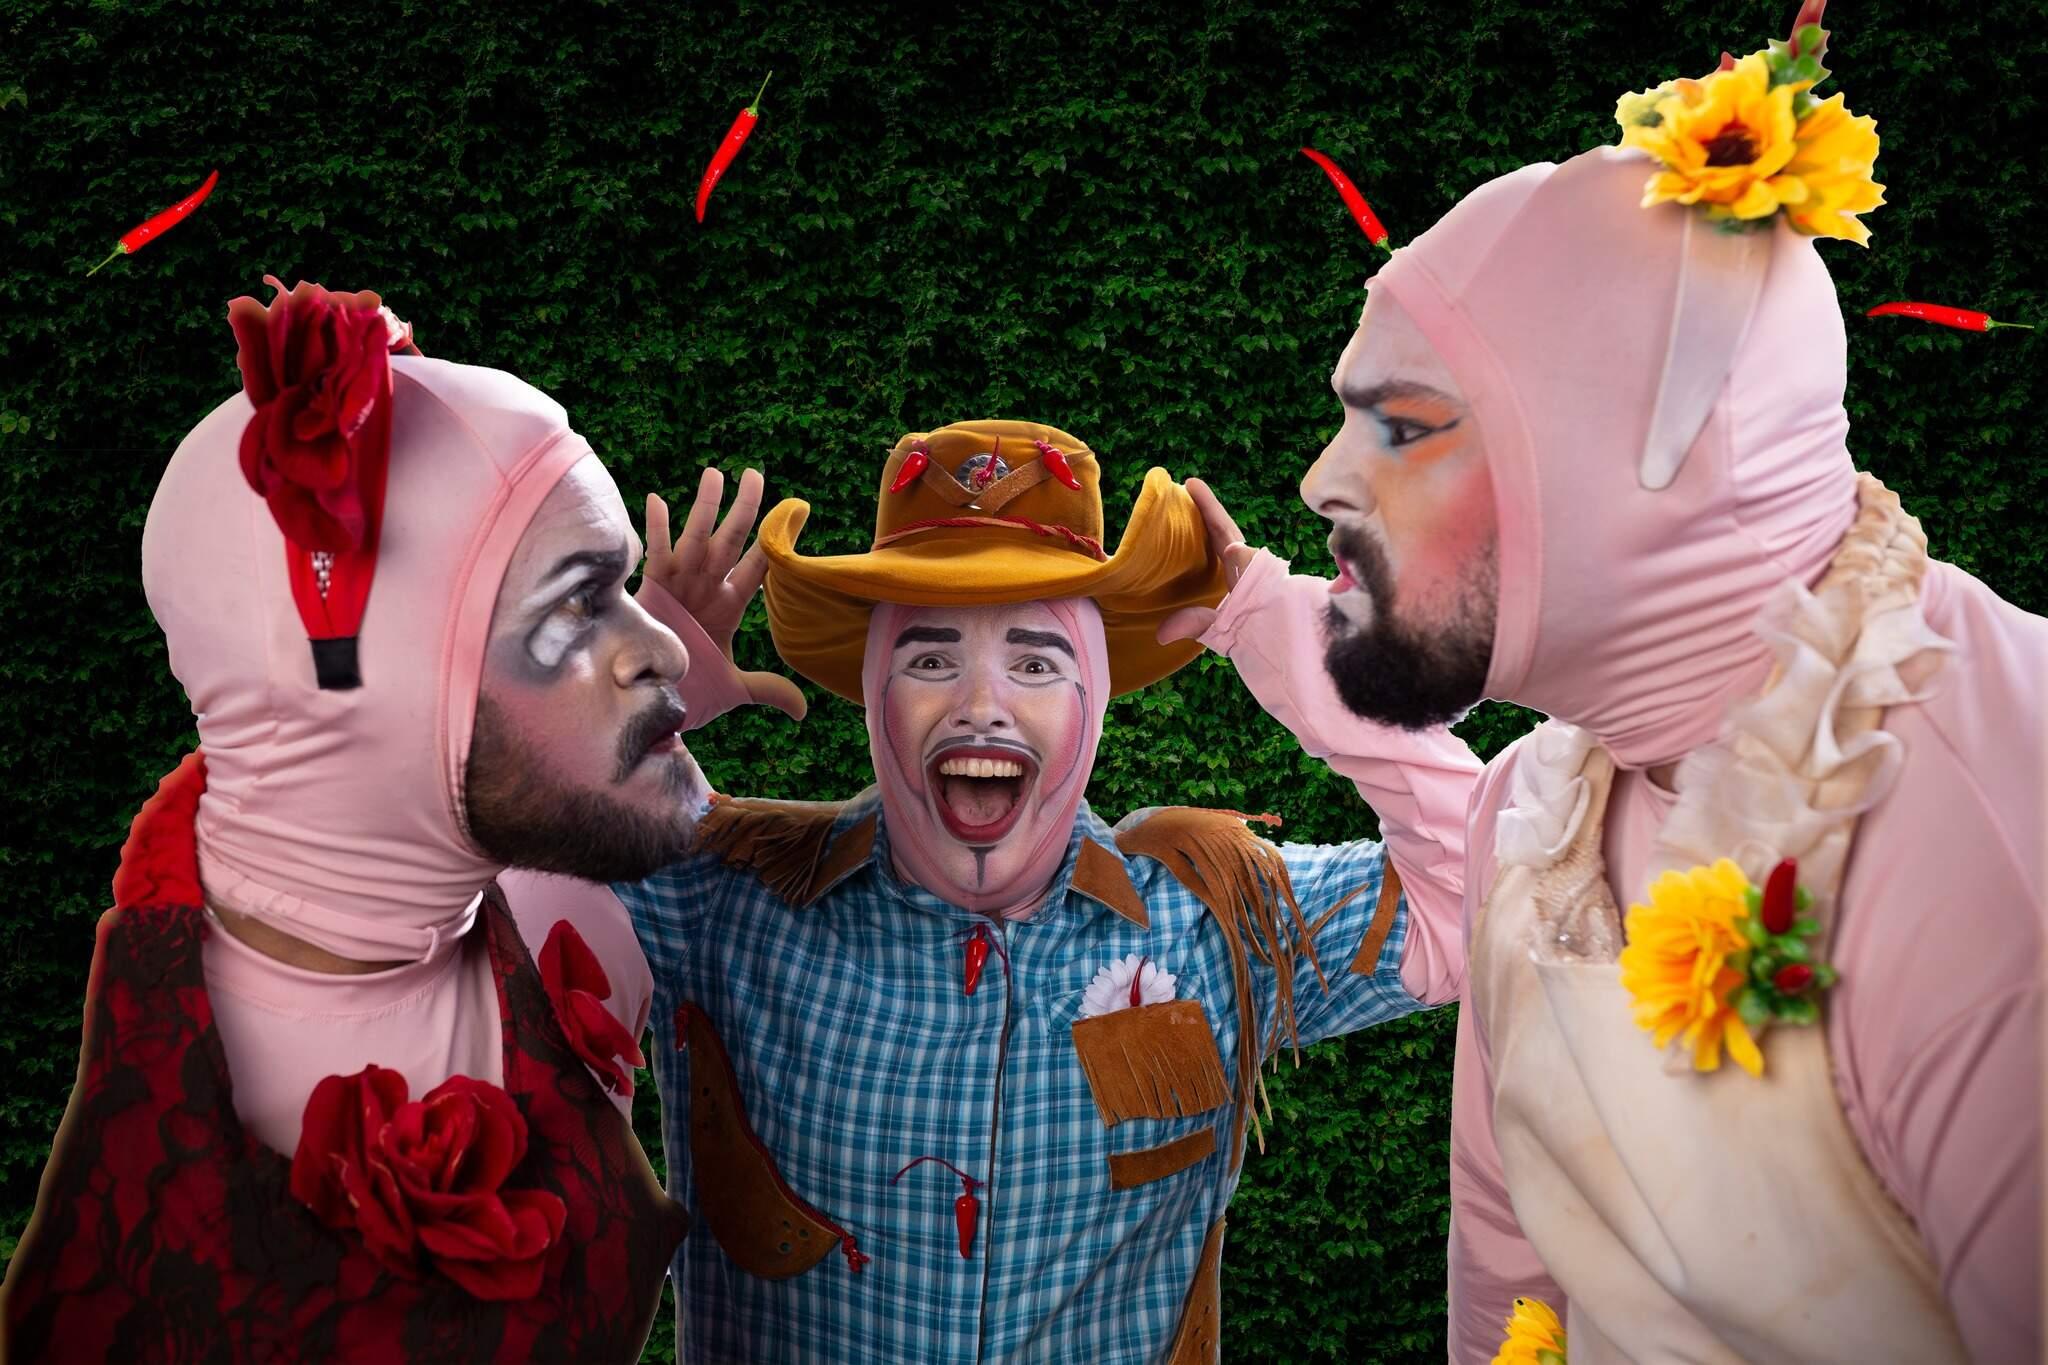 Remontagem da peça de 2002, grupo adaptou cenário atual do HIV/Aids em uma nova versão (Foto: Divulgação)